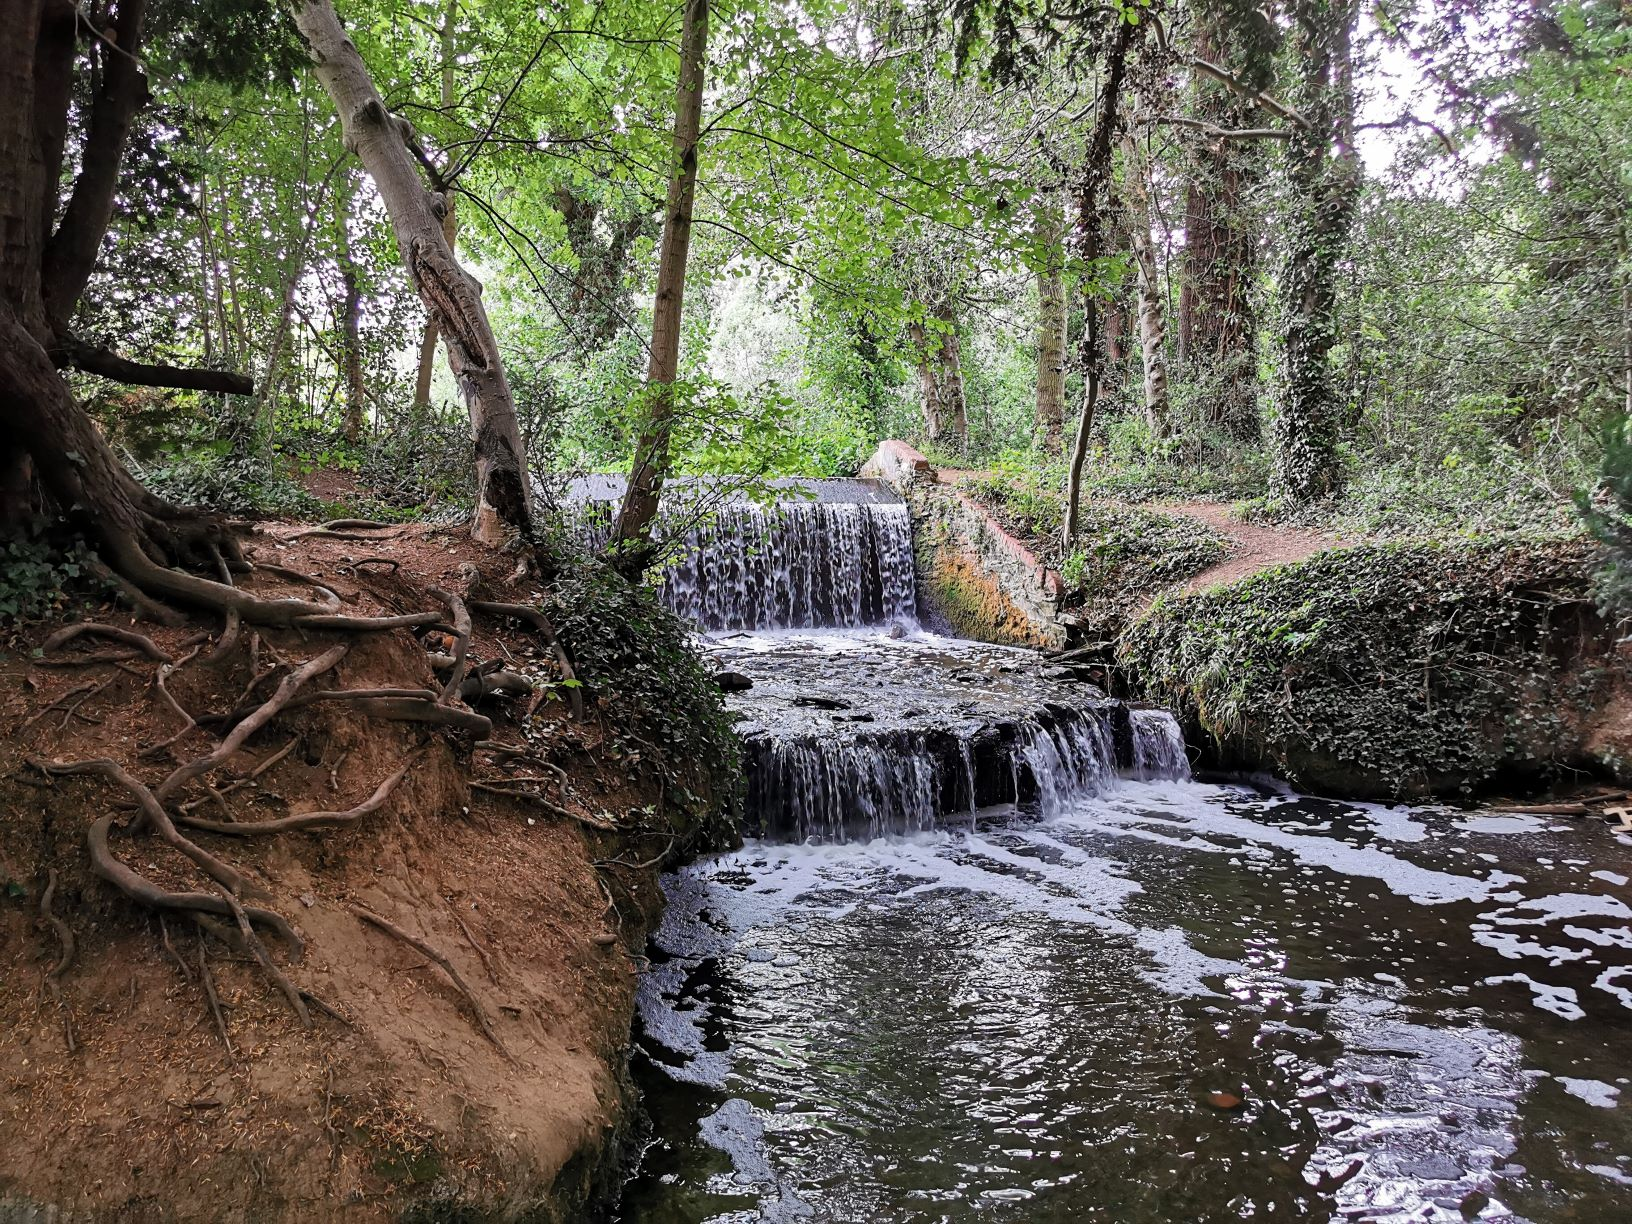 Little Billing Waterfall